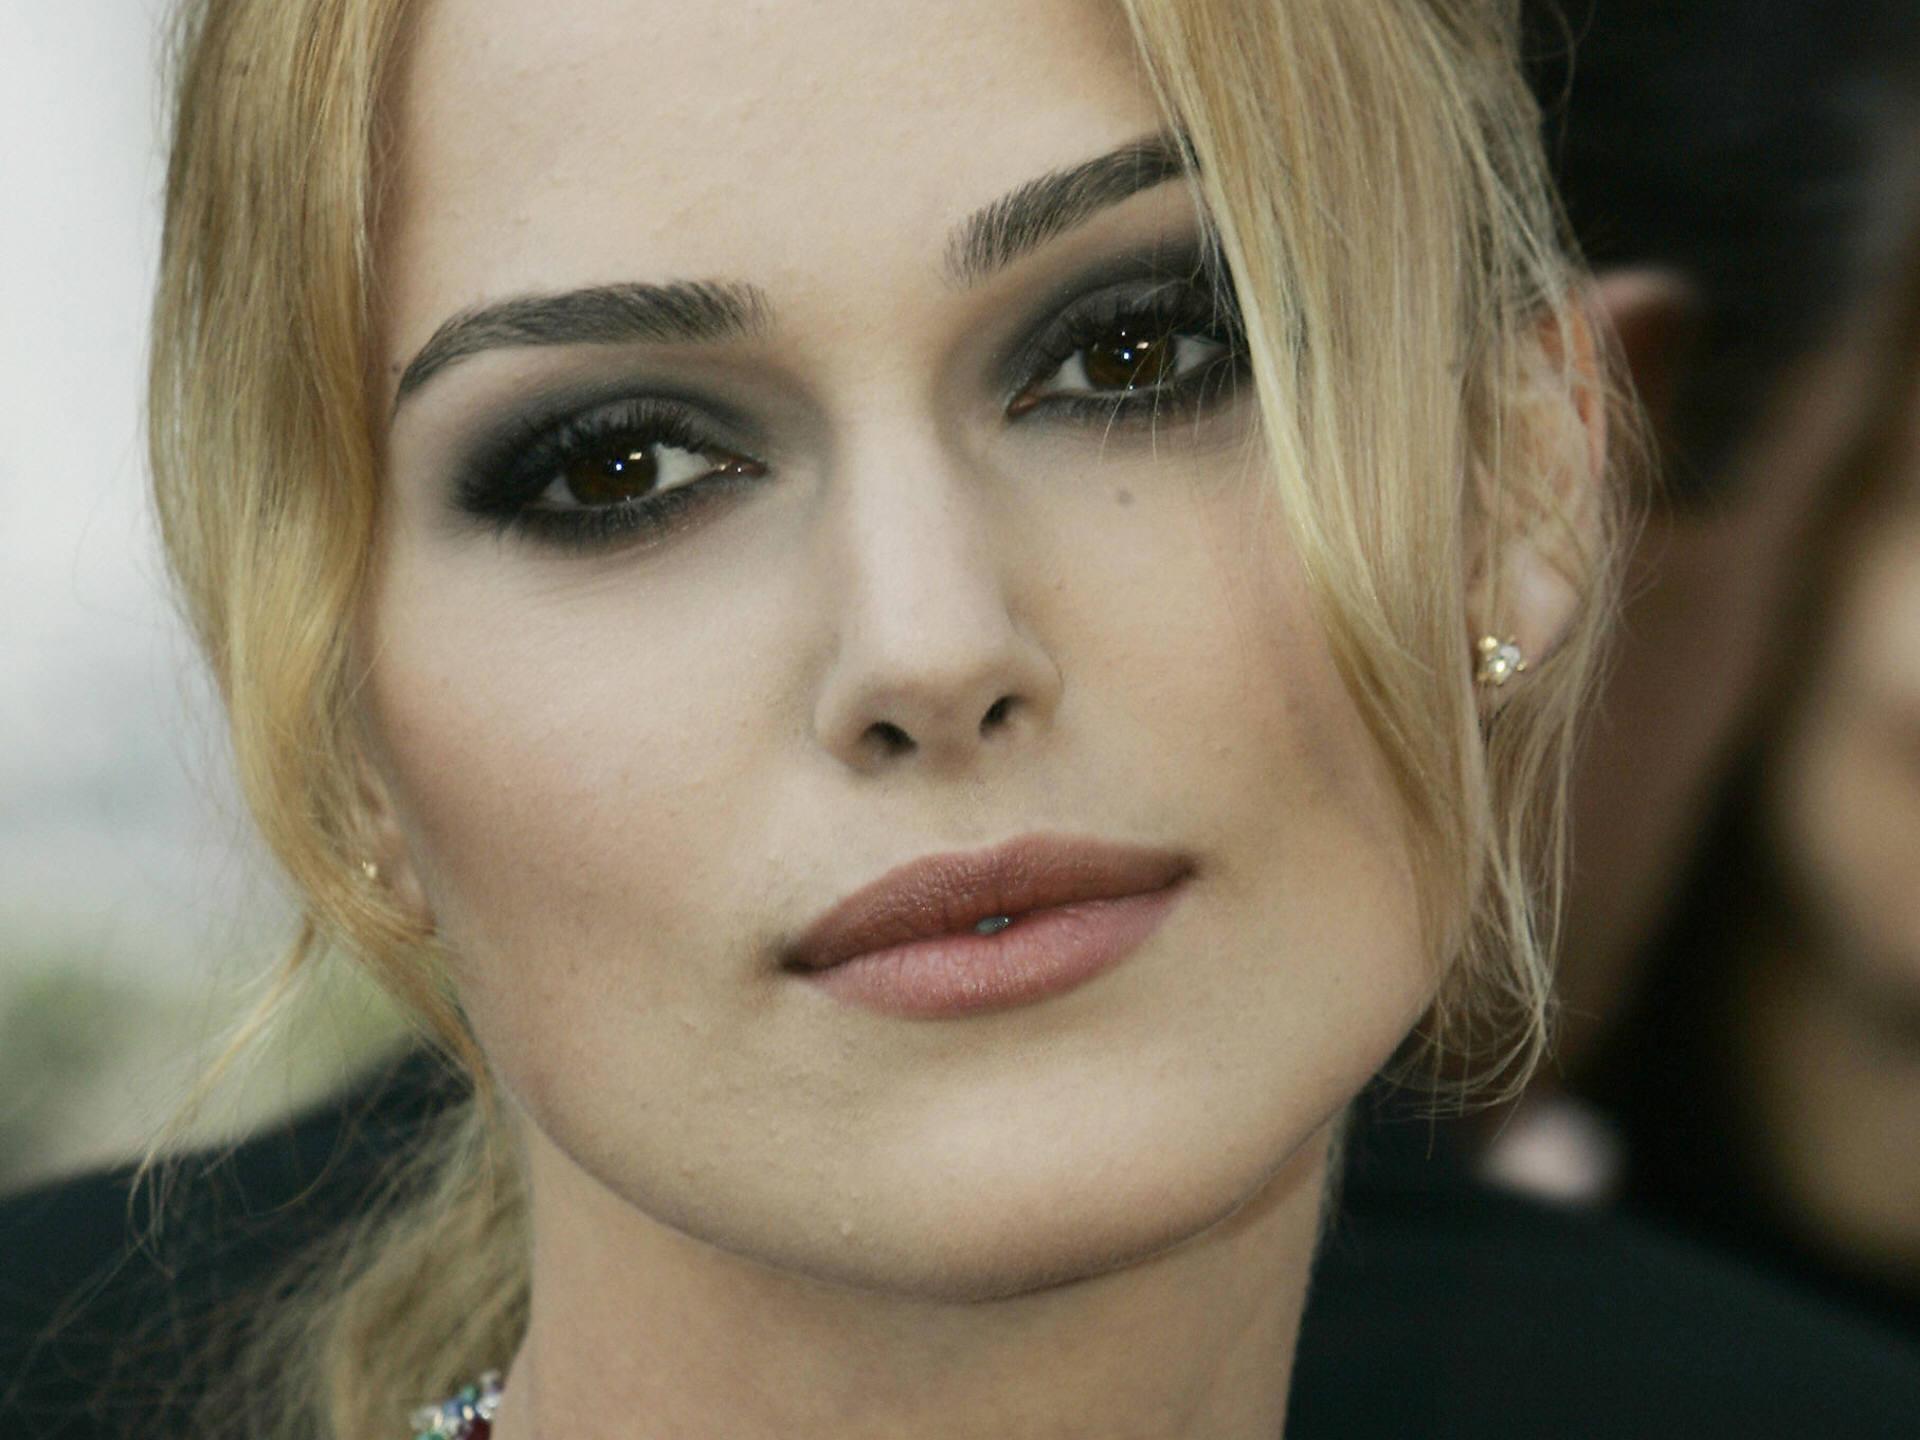 Фото удачного примера макияжа блондинки с карими глазами и темными бровями